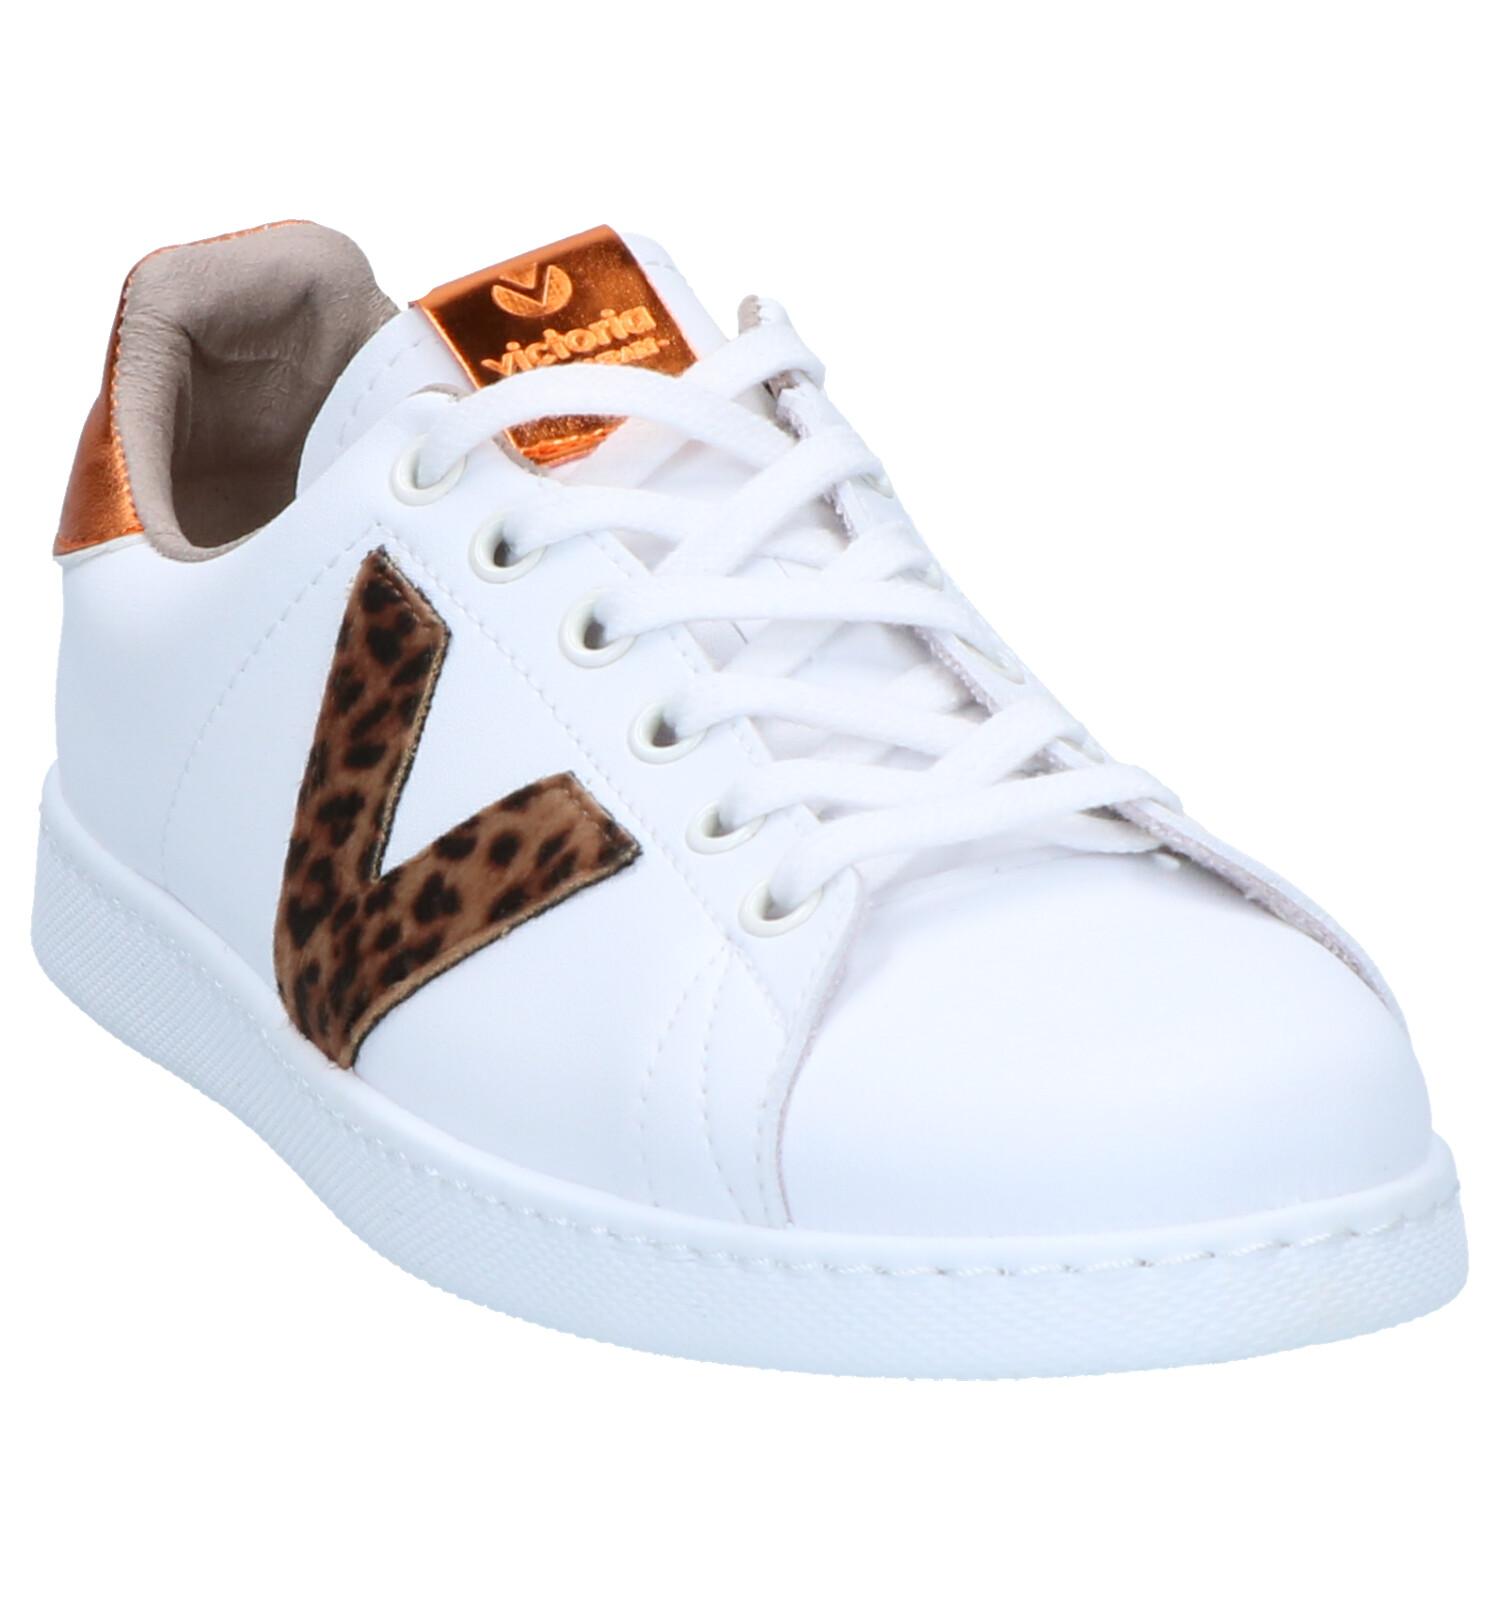 Victoria Sneakers Witte Victoria Victoria Sneakers Victoria Sneakers Sneakers Witte Sneakers Victoria Witte Witte Witte QBWrxCoed